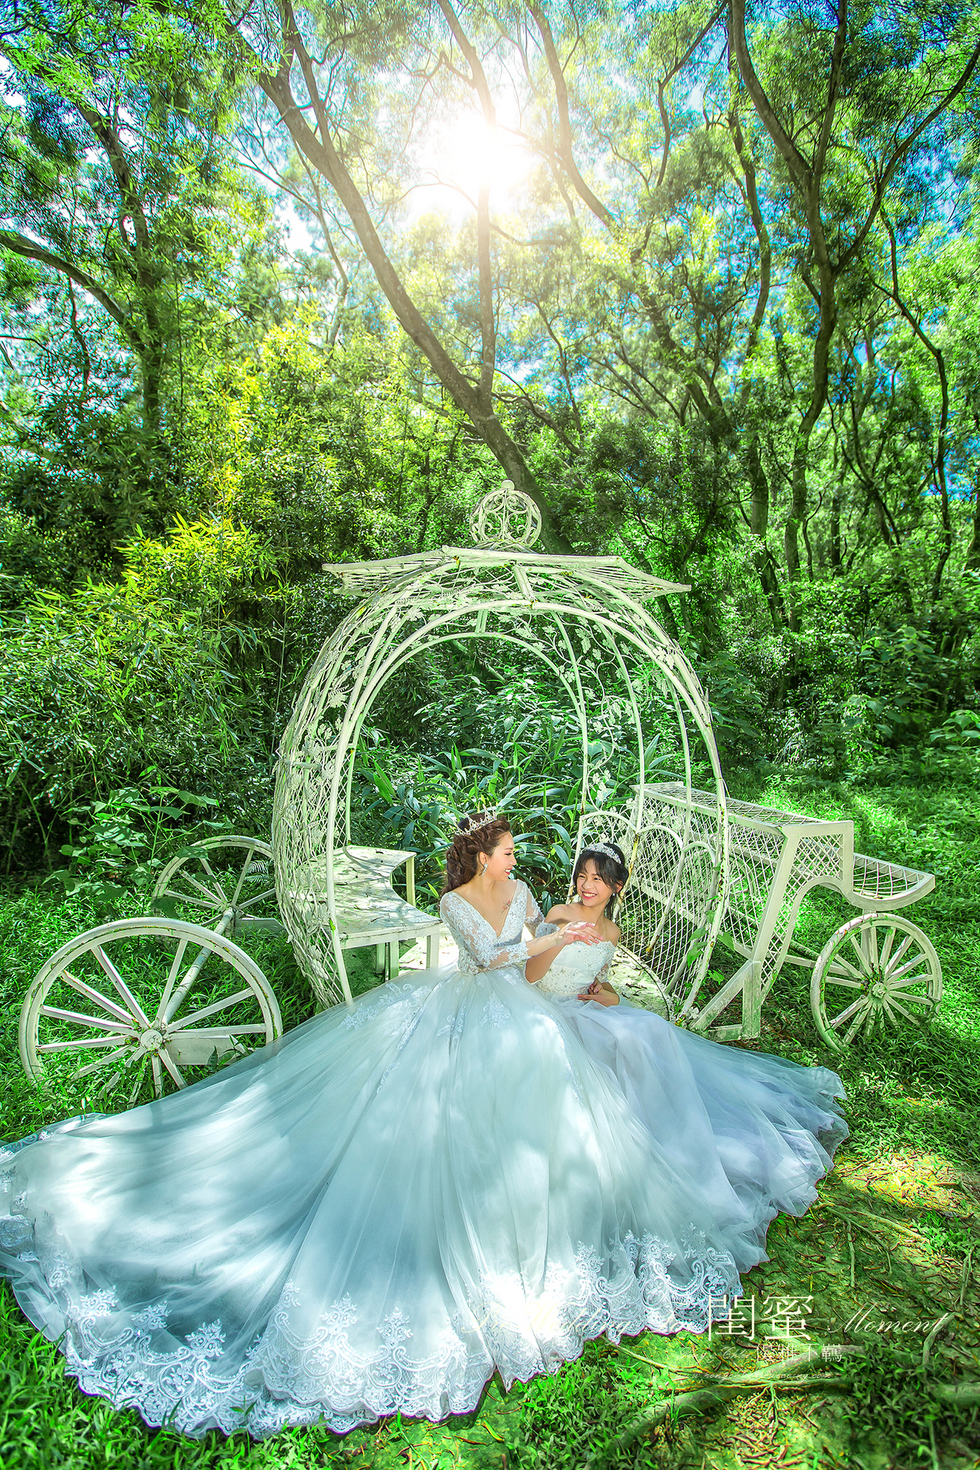 #閨蜜愛旅行  #閨蜜裝 #閨蜜婚紗 #閨蜜語錄 #生日禮物 #母親節禮物推薦 #wedding #photography #bridaldress #weddinggown #weddingphotography #weddingdressstudio190807-0125-搶先修.png